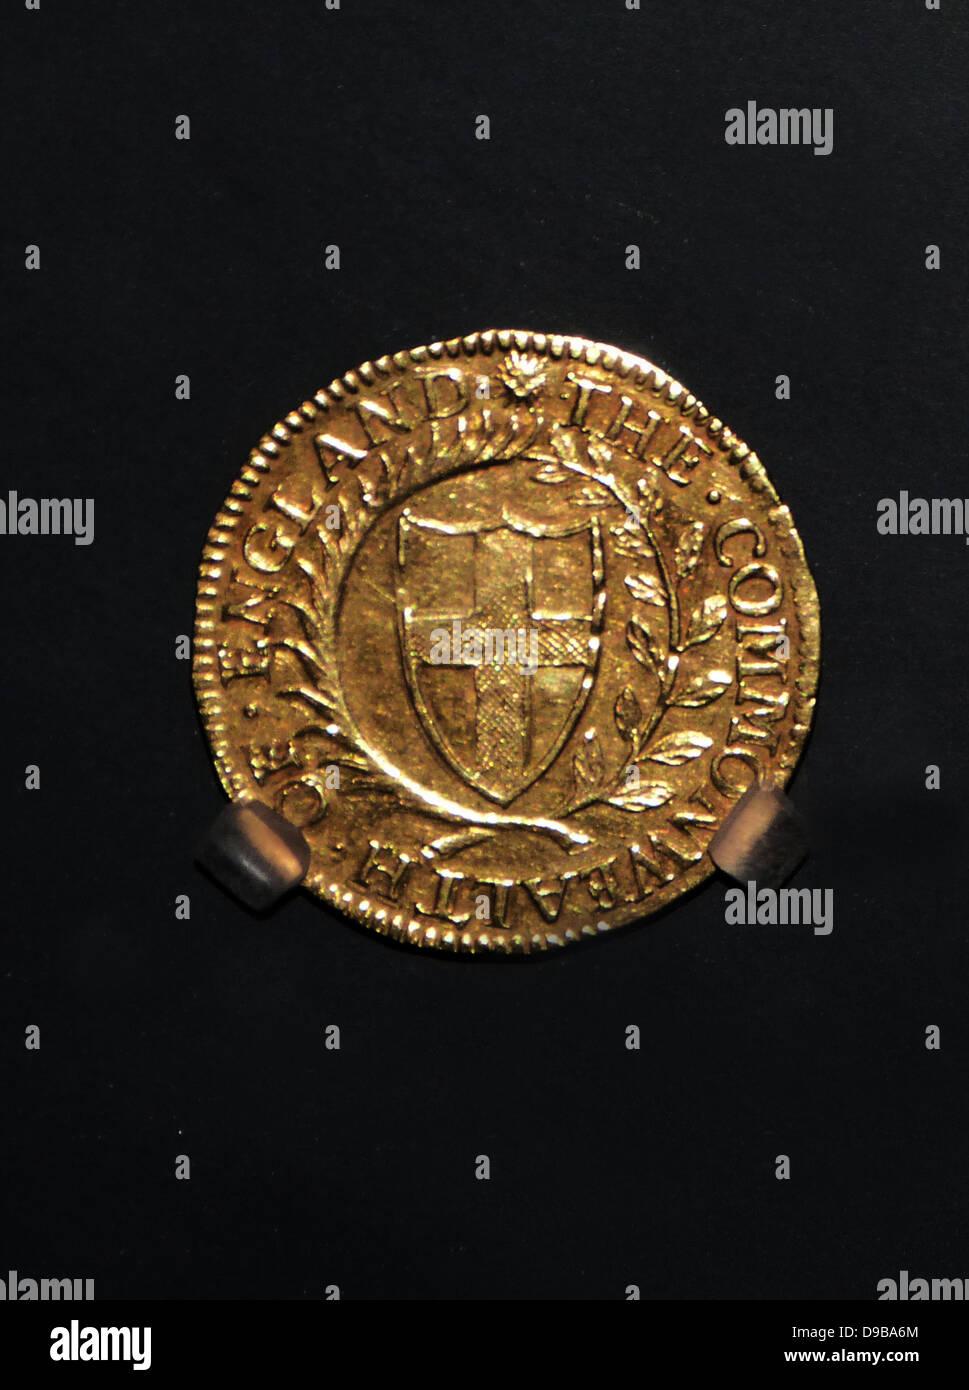 Medalla de Sir James Harrington, 1653. Sir James Harrington o Harington, 3º Baronet de Ridlington (30 de diciembre Foto de stock